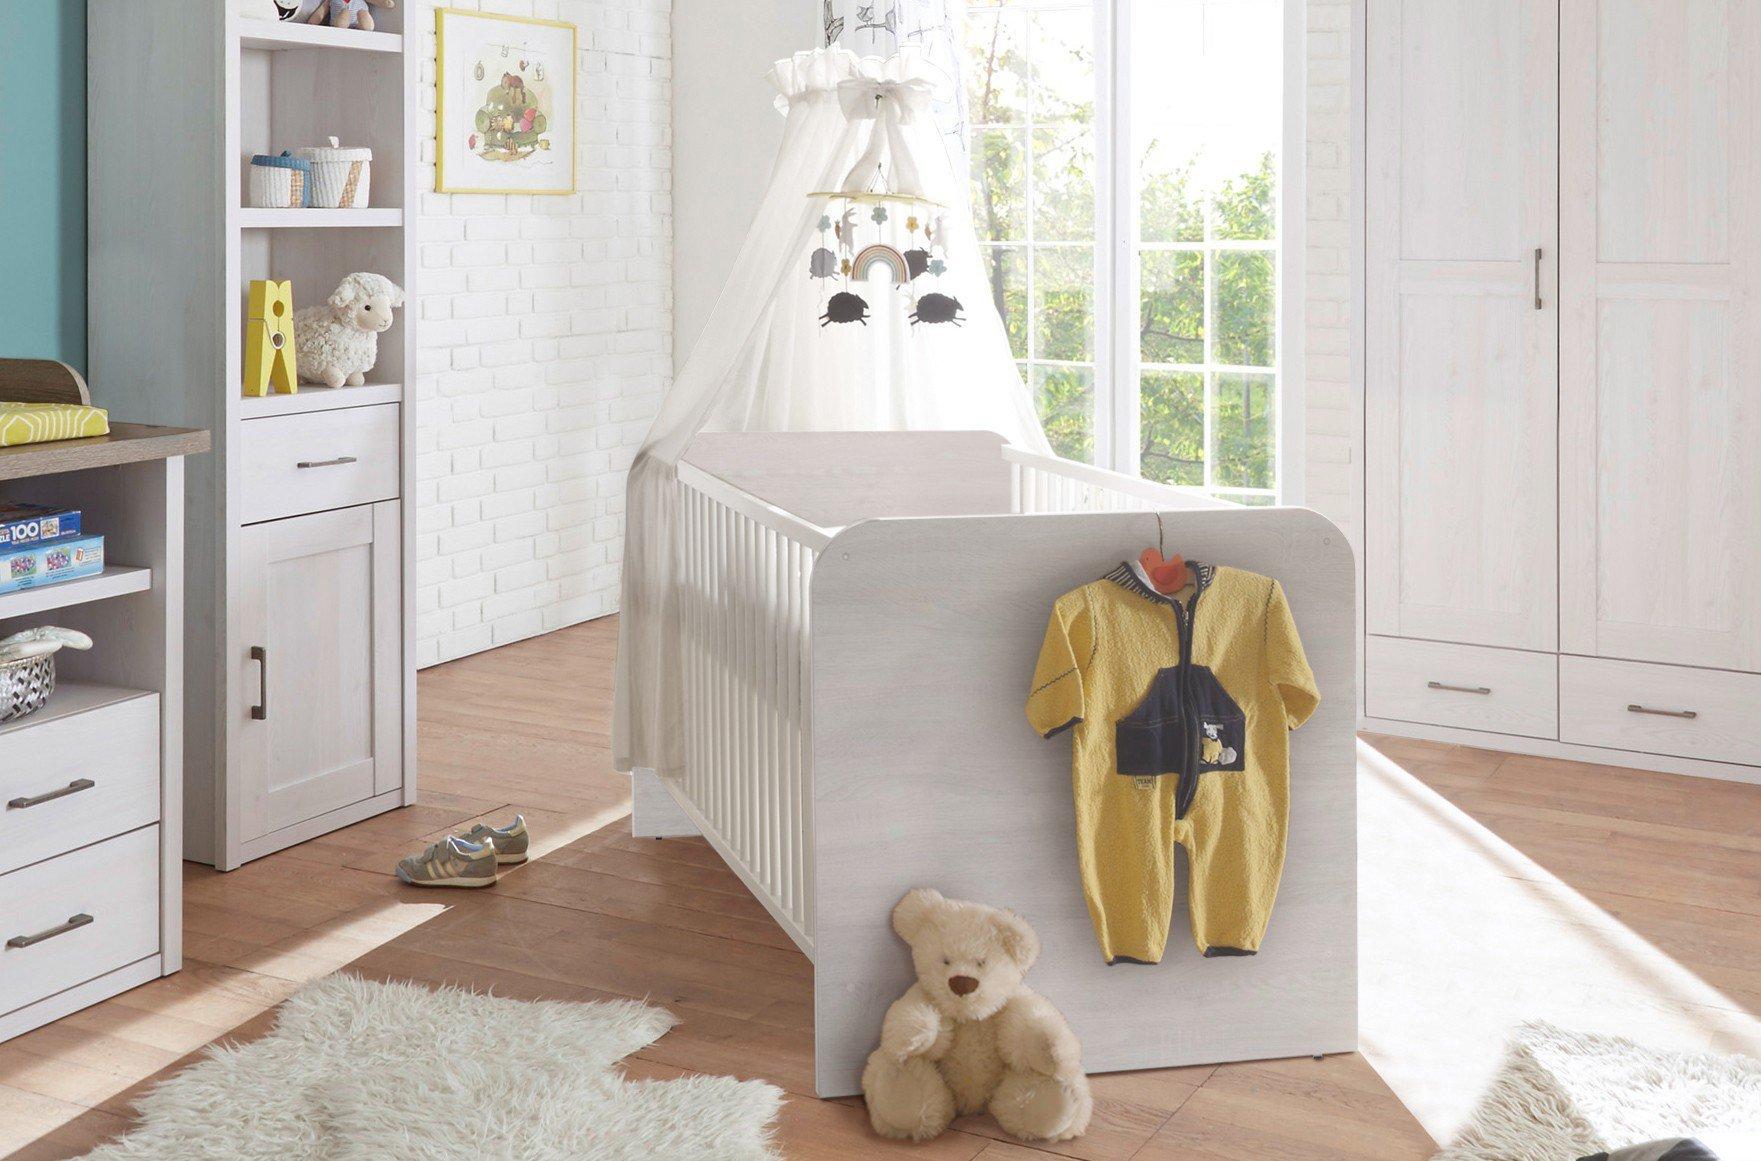 babybett corner pinie nachbildung von pol power m bel. Black Bedroom Furniture Sets. Home Design Ideas